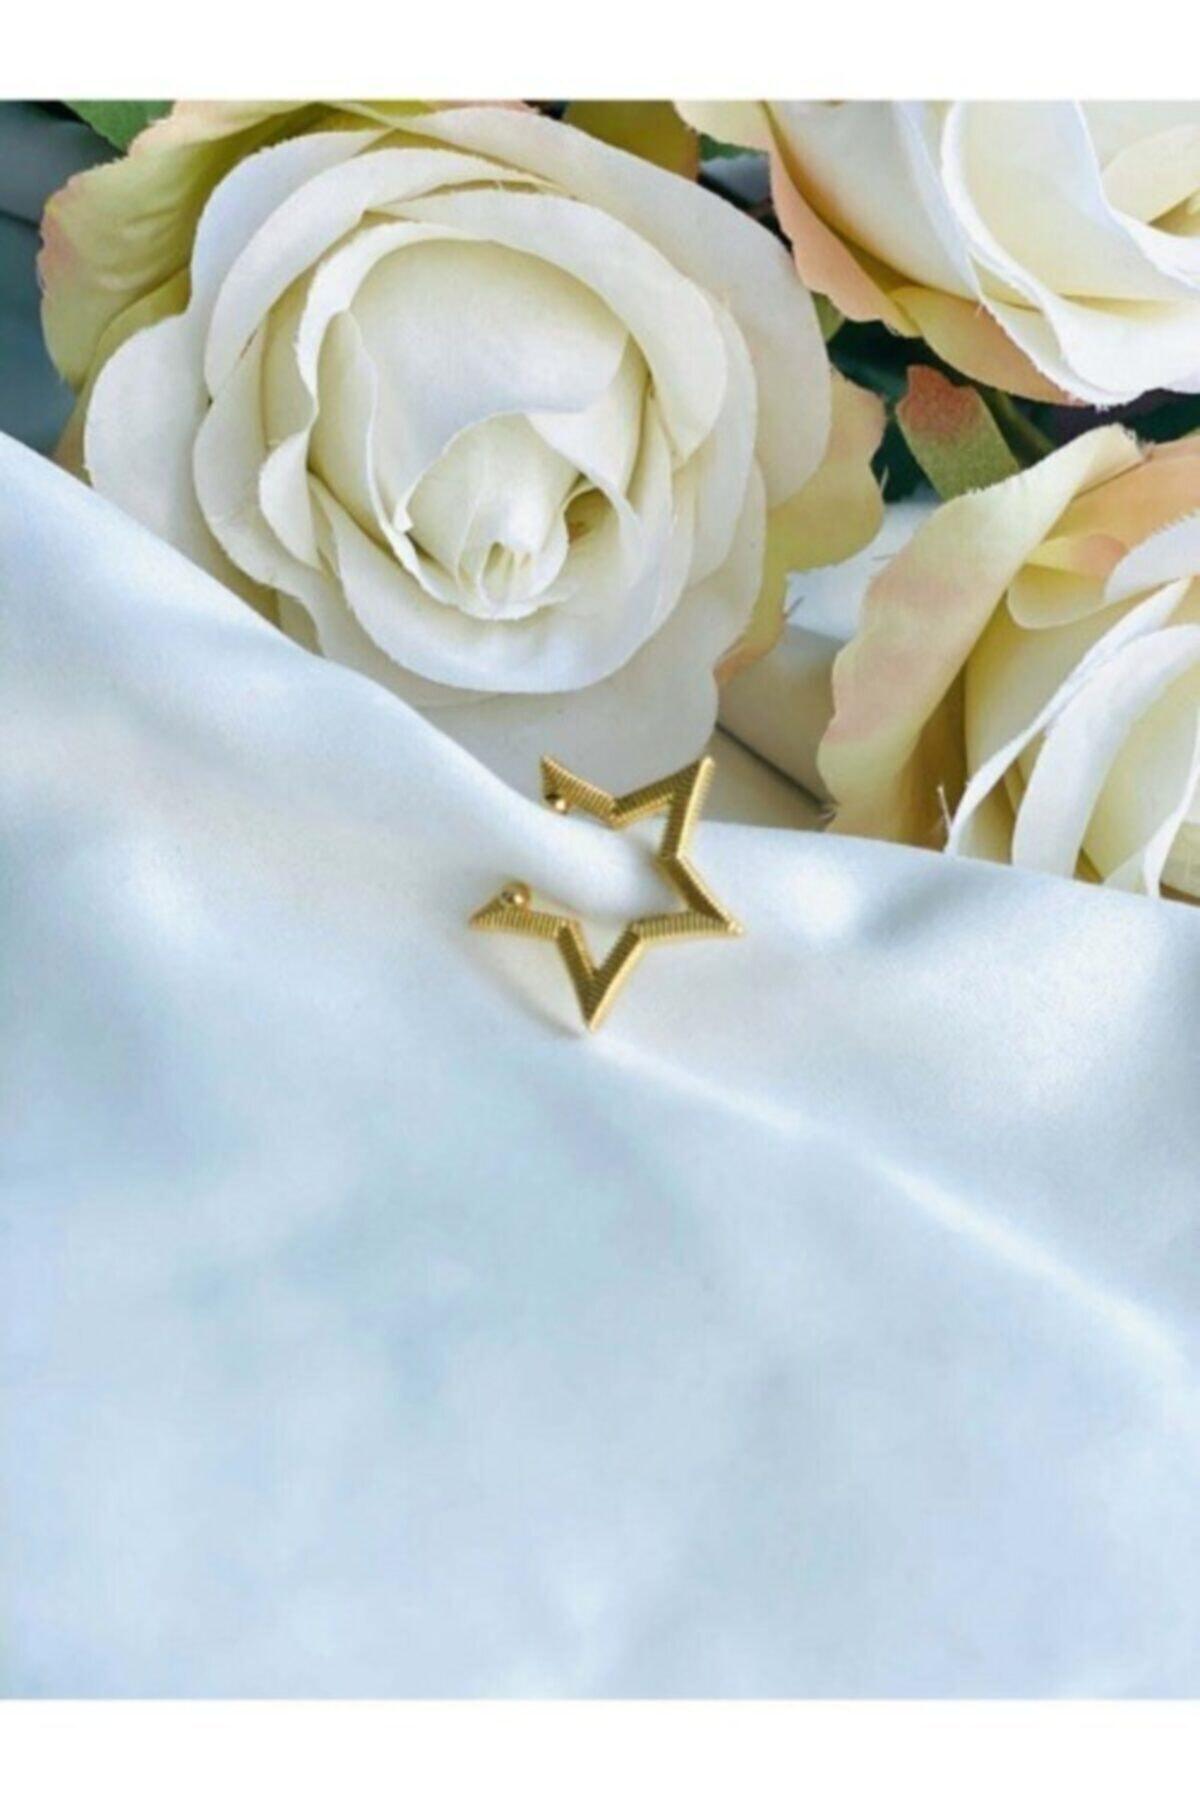 Kadın Altın Renkli Yıldız Kıkırdak Küpe (EARCUFF)